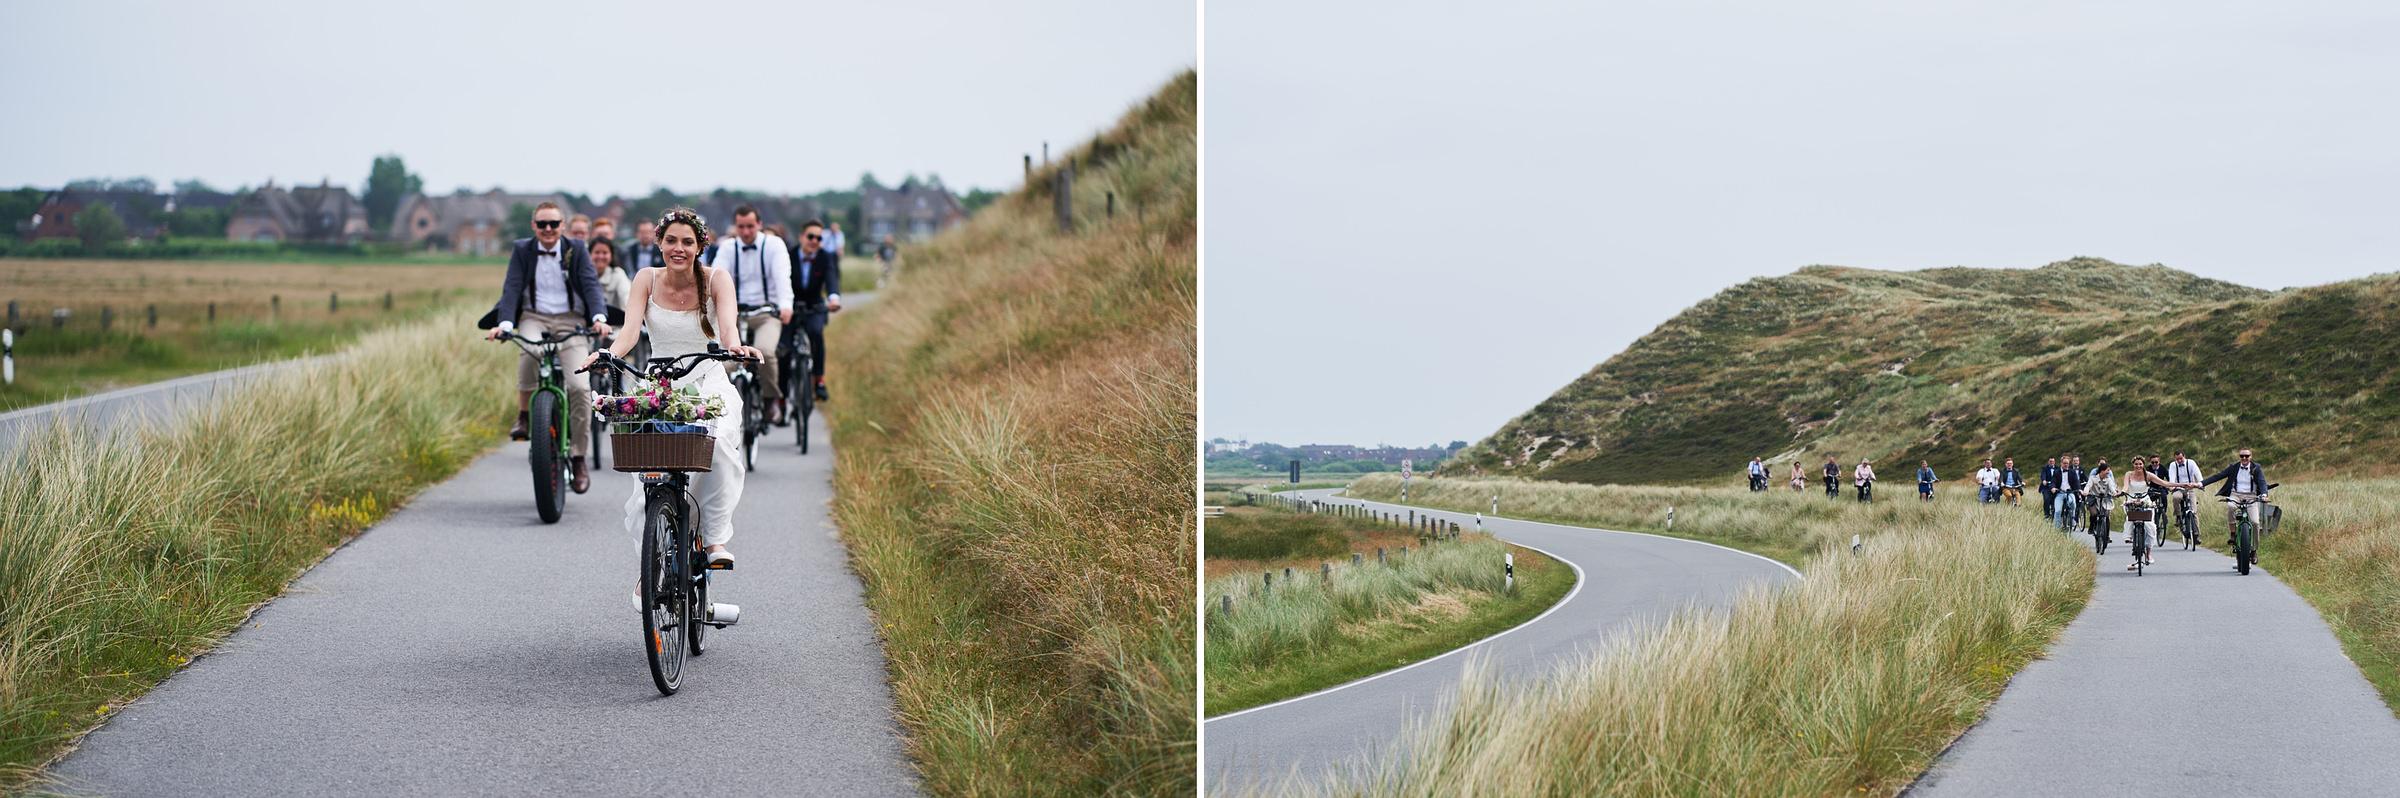 sylt-fahrradhochzeit45